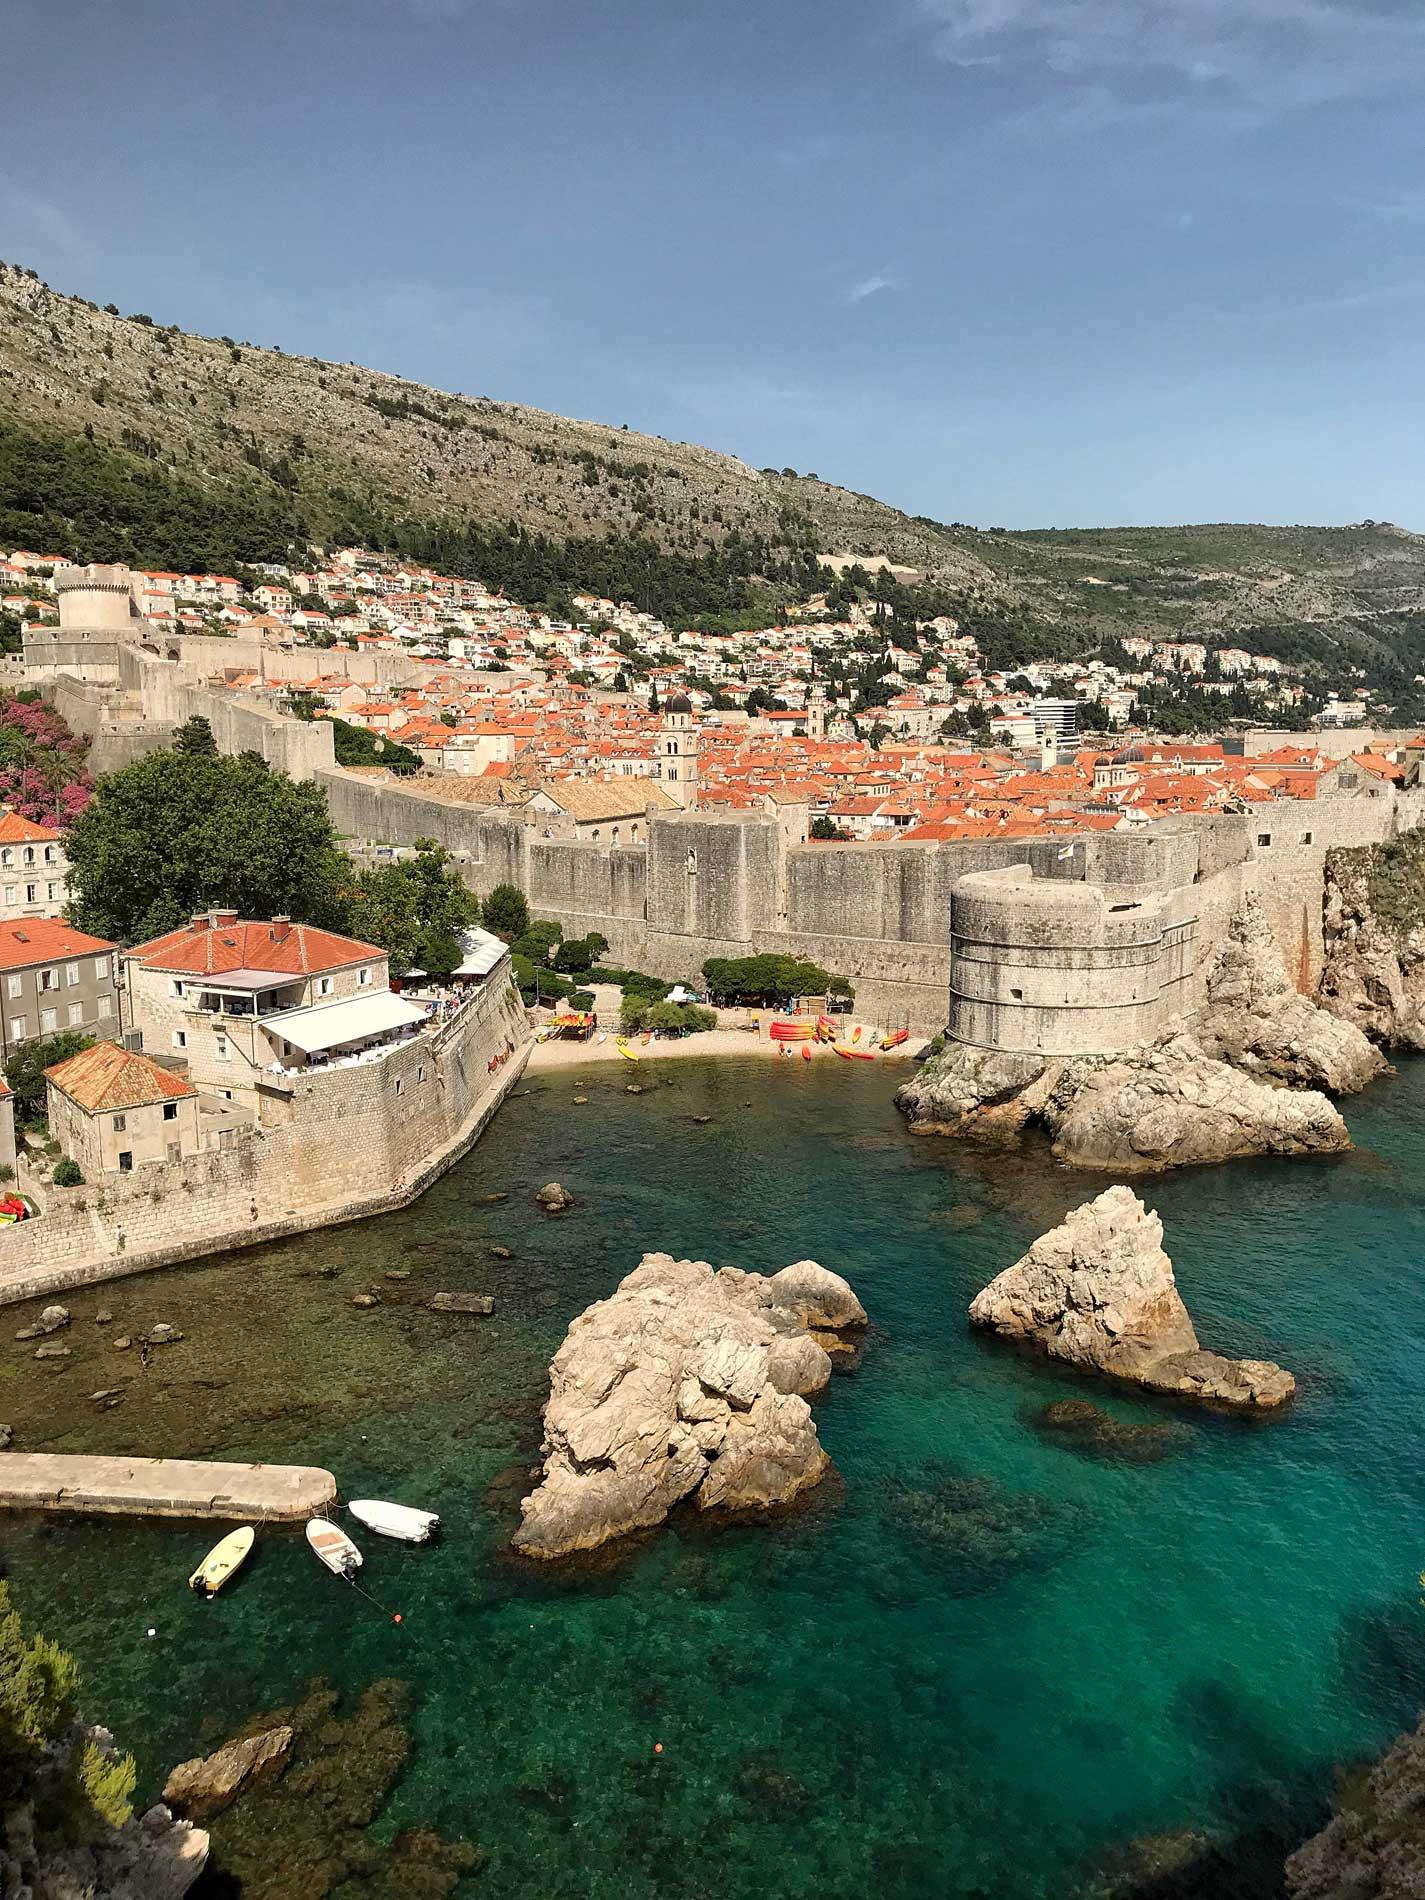 Dubrovnik-Croazia-panorama-da-Fort-Lovrijanec-tetti-rossi-mare